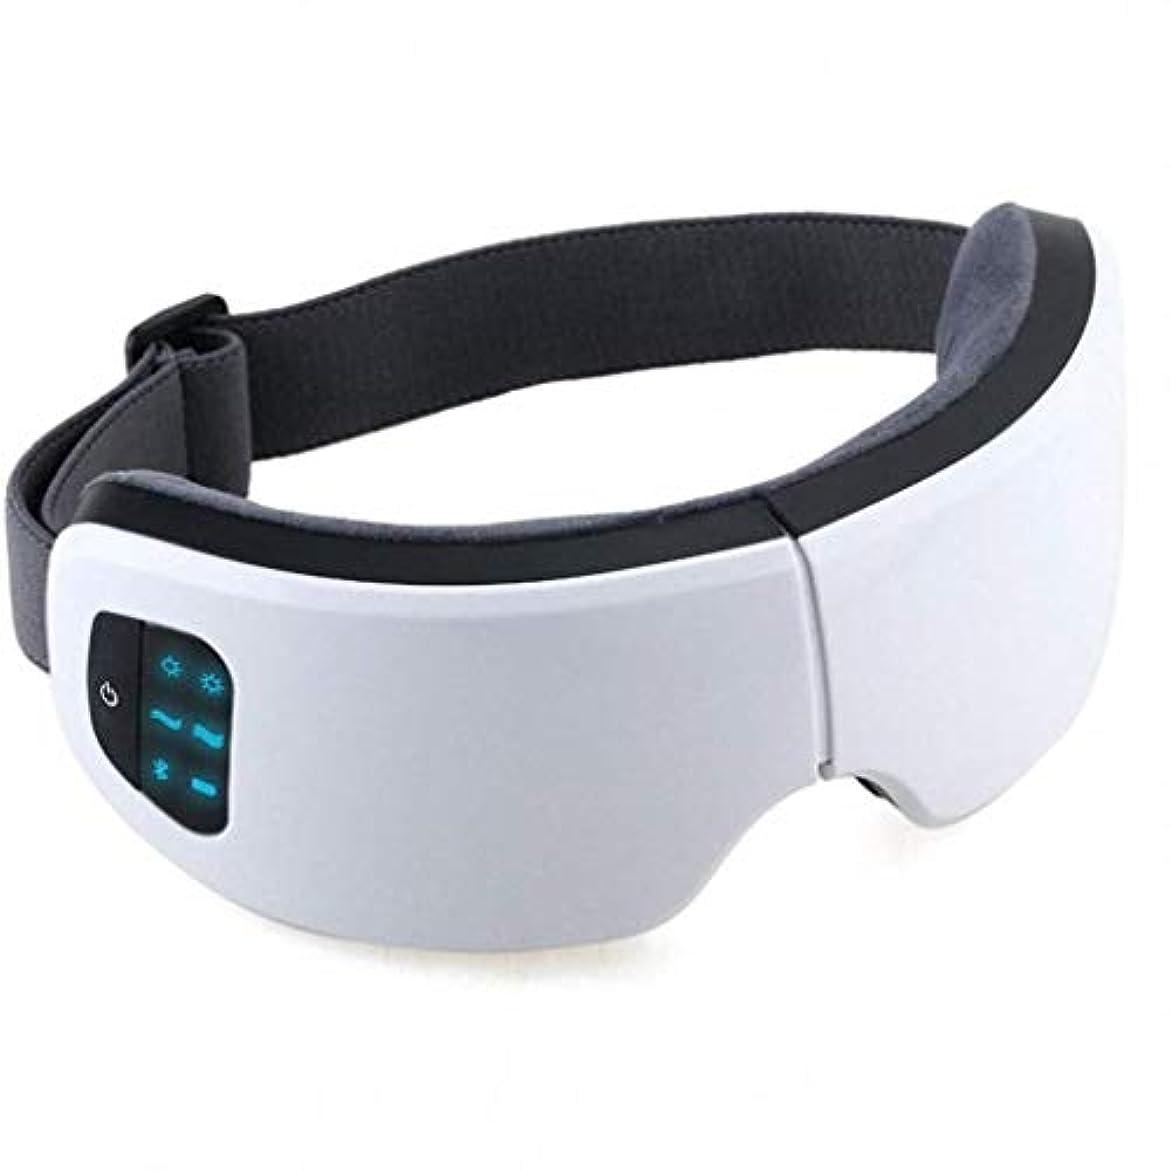 染色サンダル横向き電動アイマスク、アイマッサージャー、折りたたみ式USB充電式スマートデコンプレッションマシン、ワイヤレスBluetoothポータブル、目の疲れを和らげる、ダークサークル、アイバッグ、美容機器